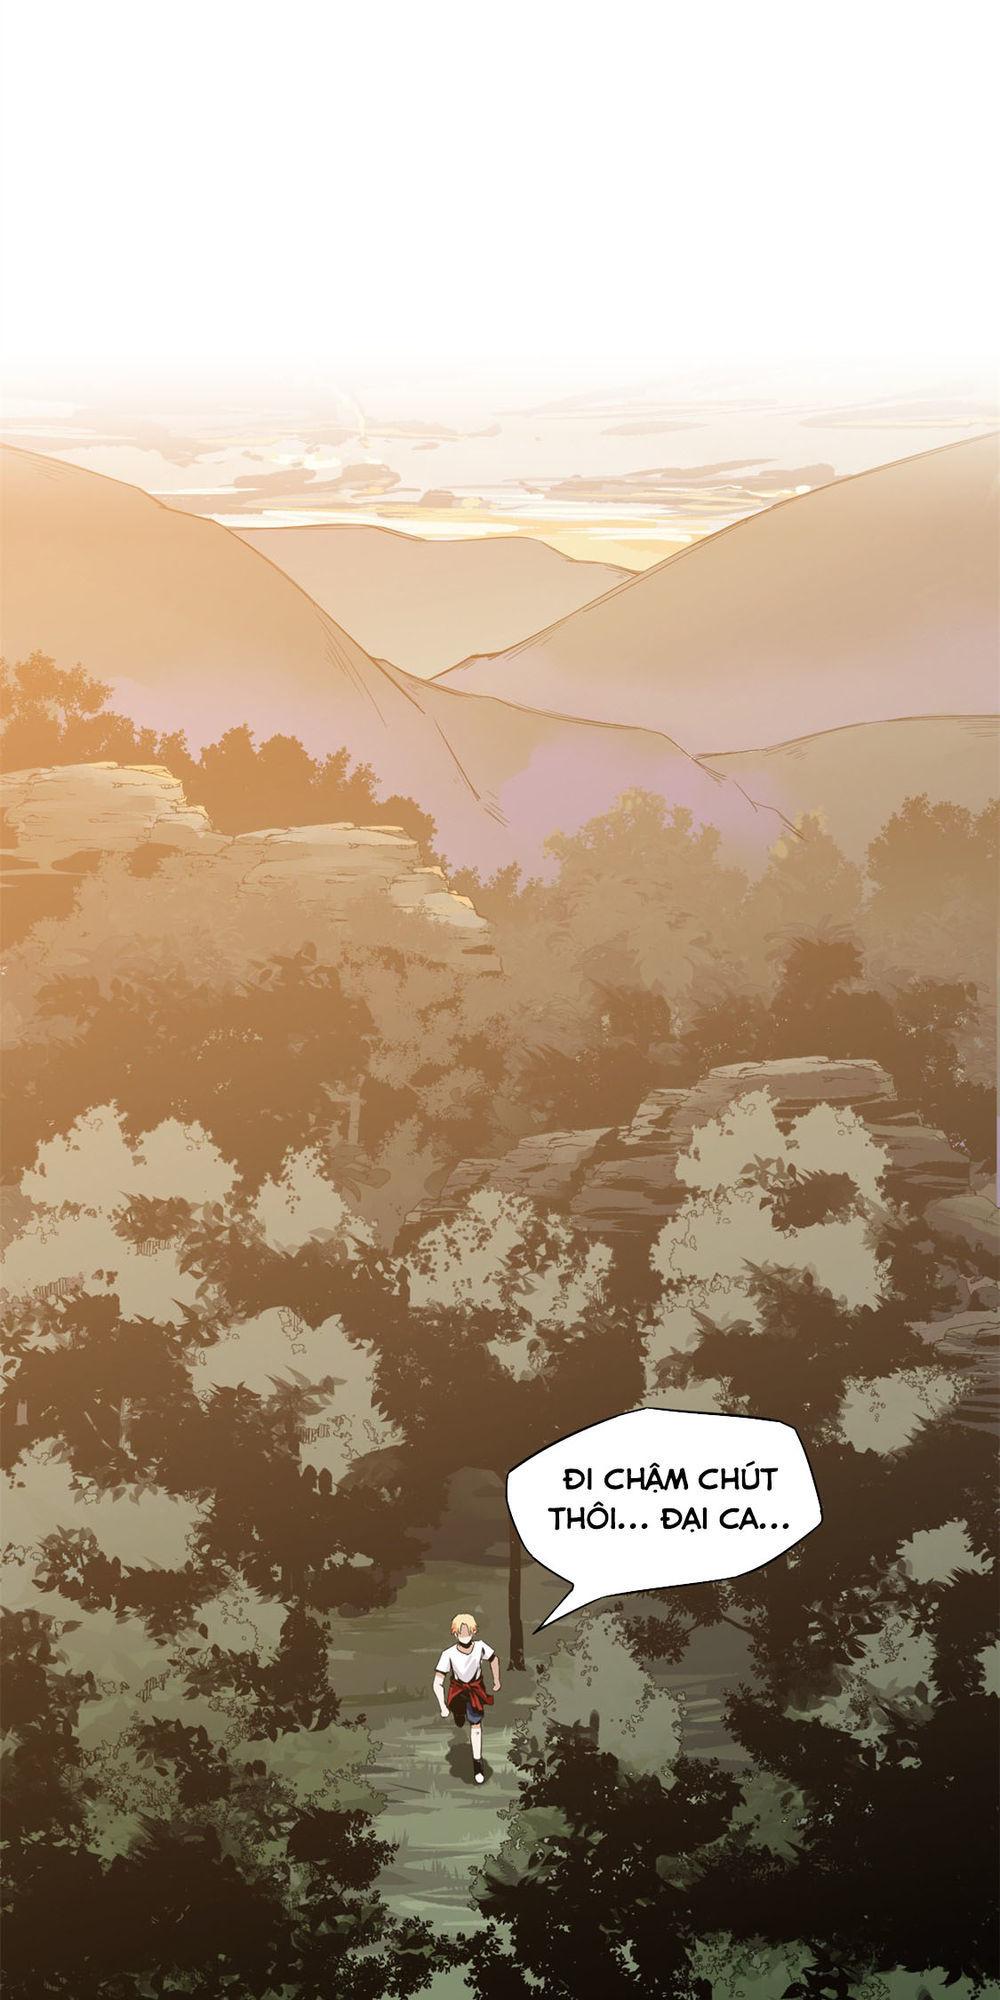 Trùng Lãnh Quái Đàm Chapter 3 - Trang 25